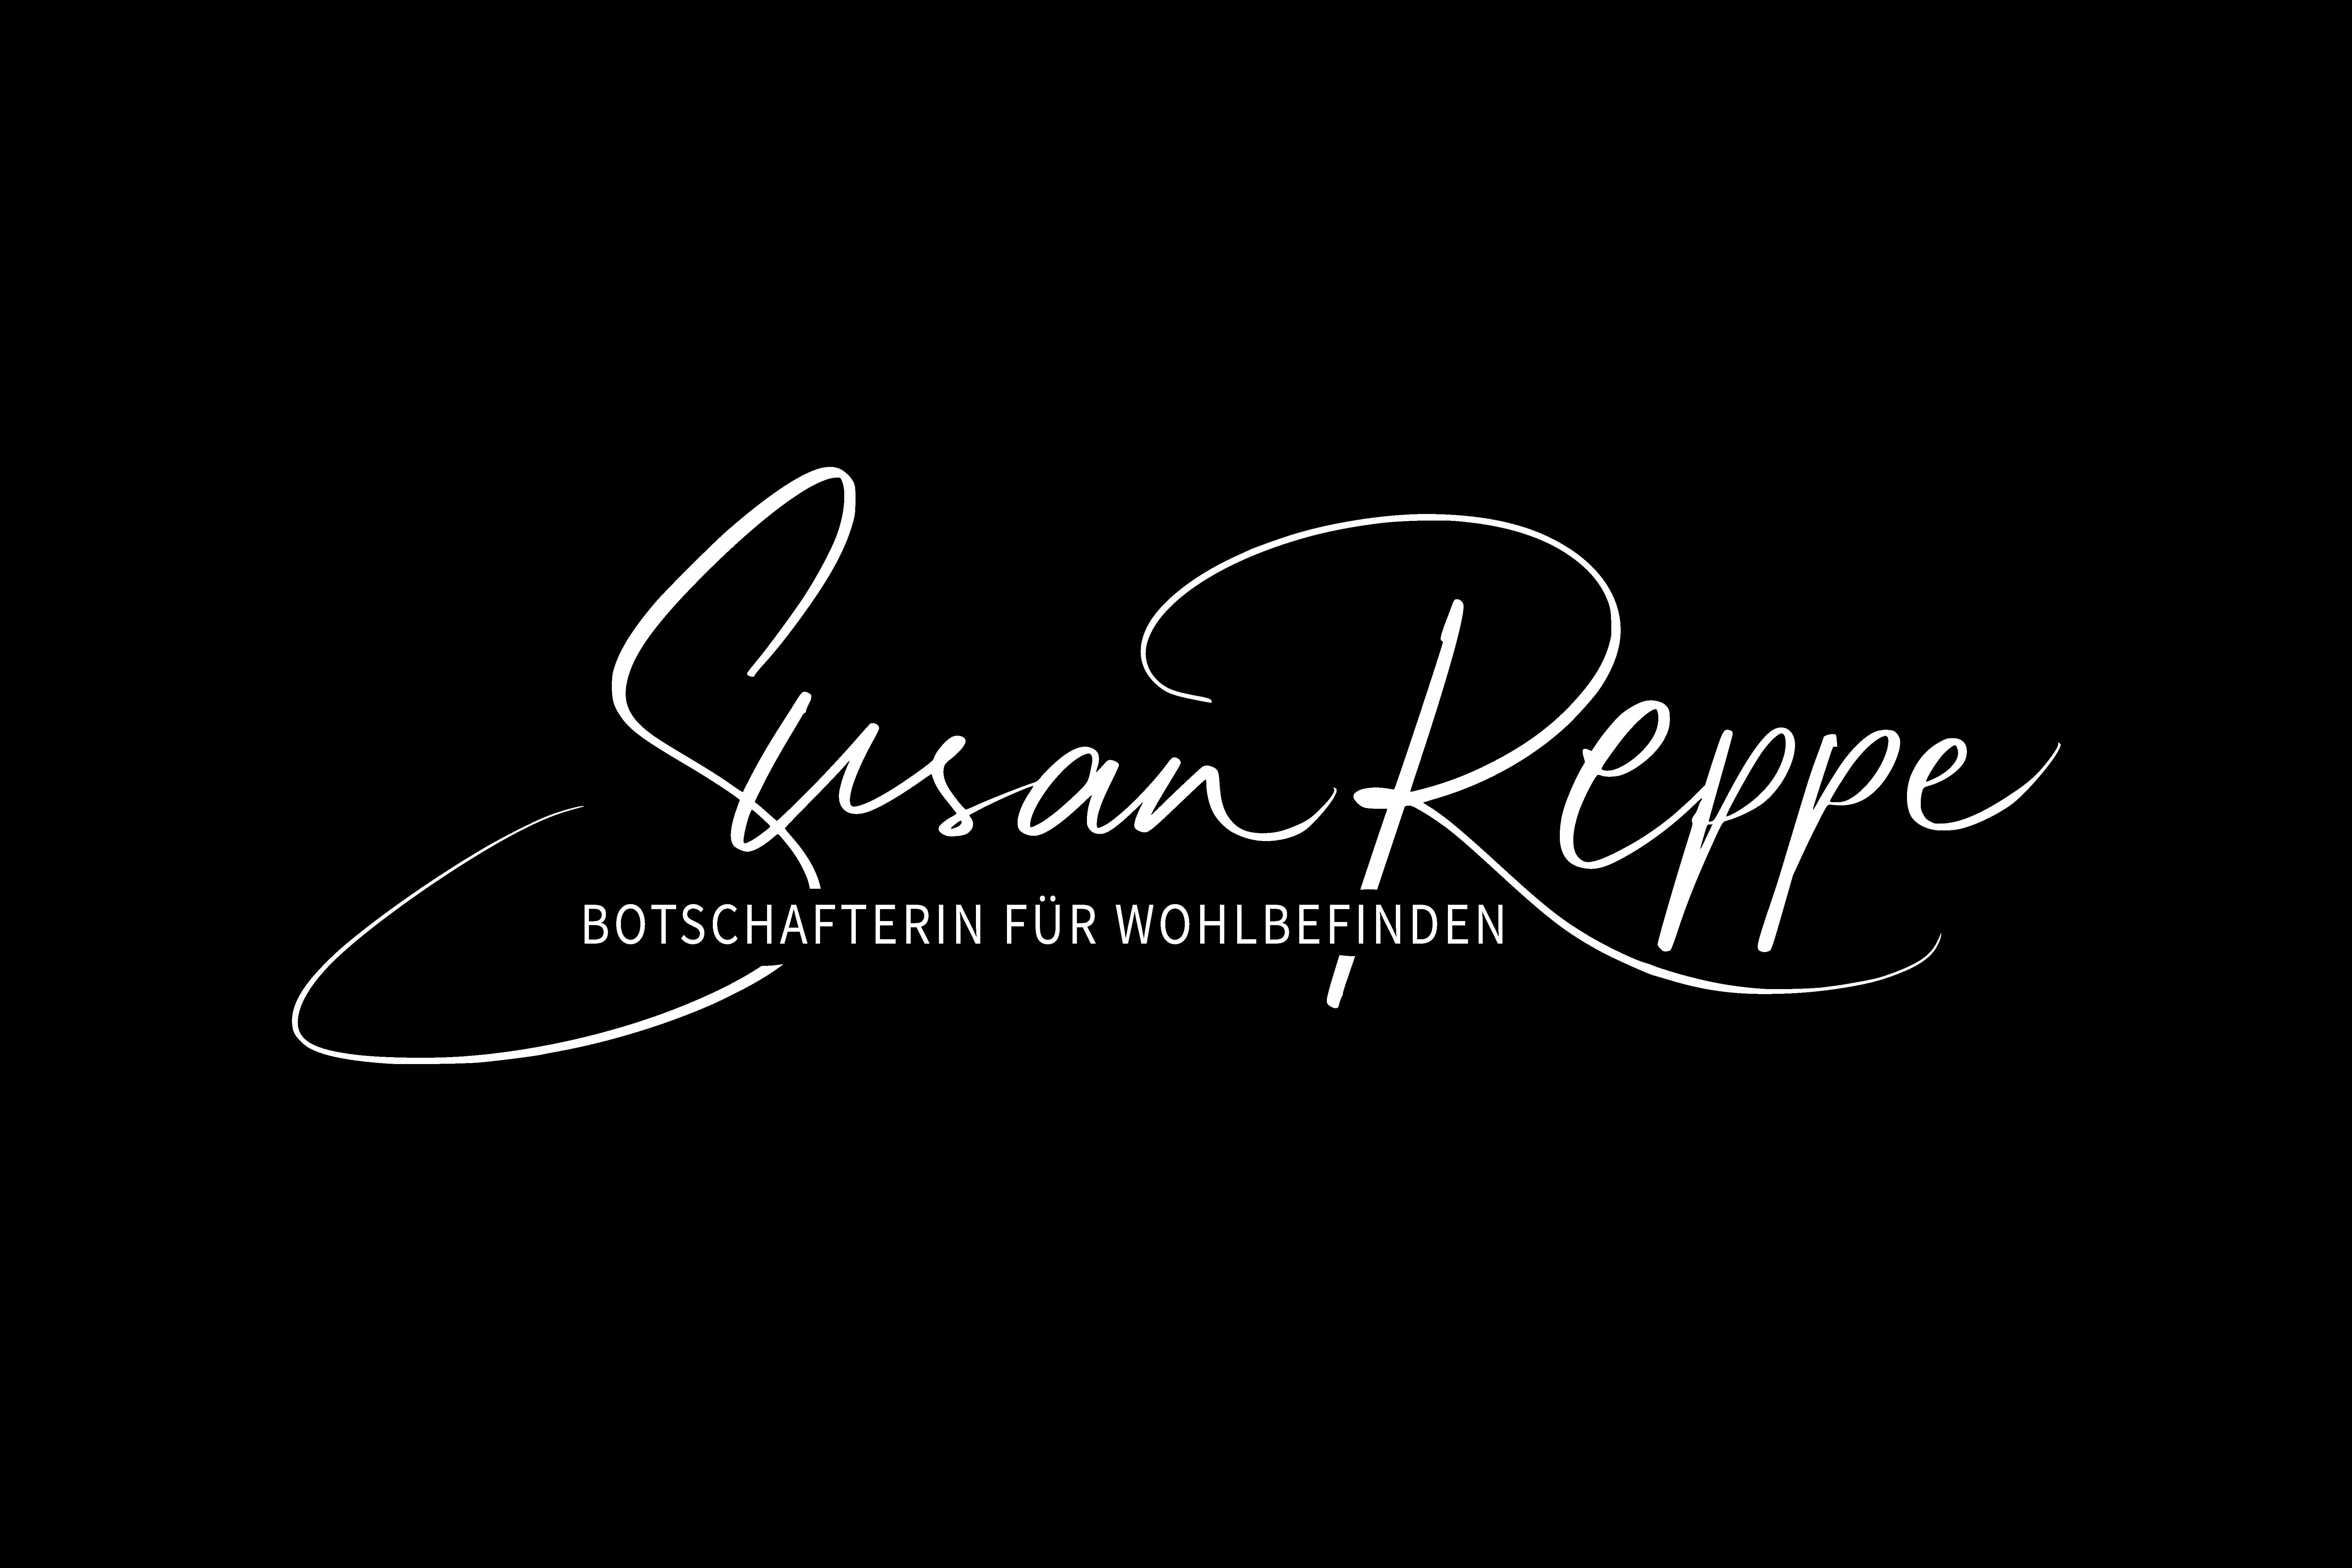 Signature Susan Reppe